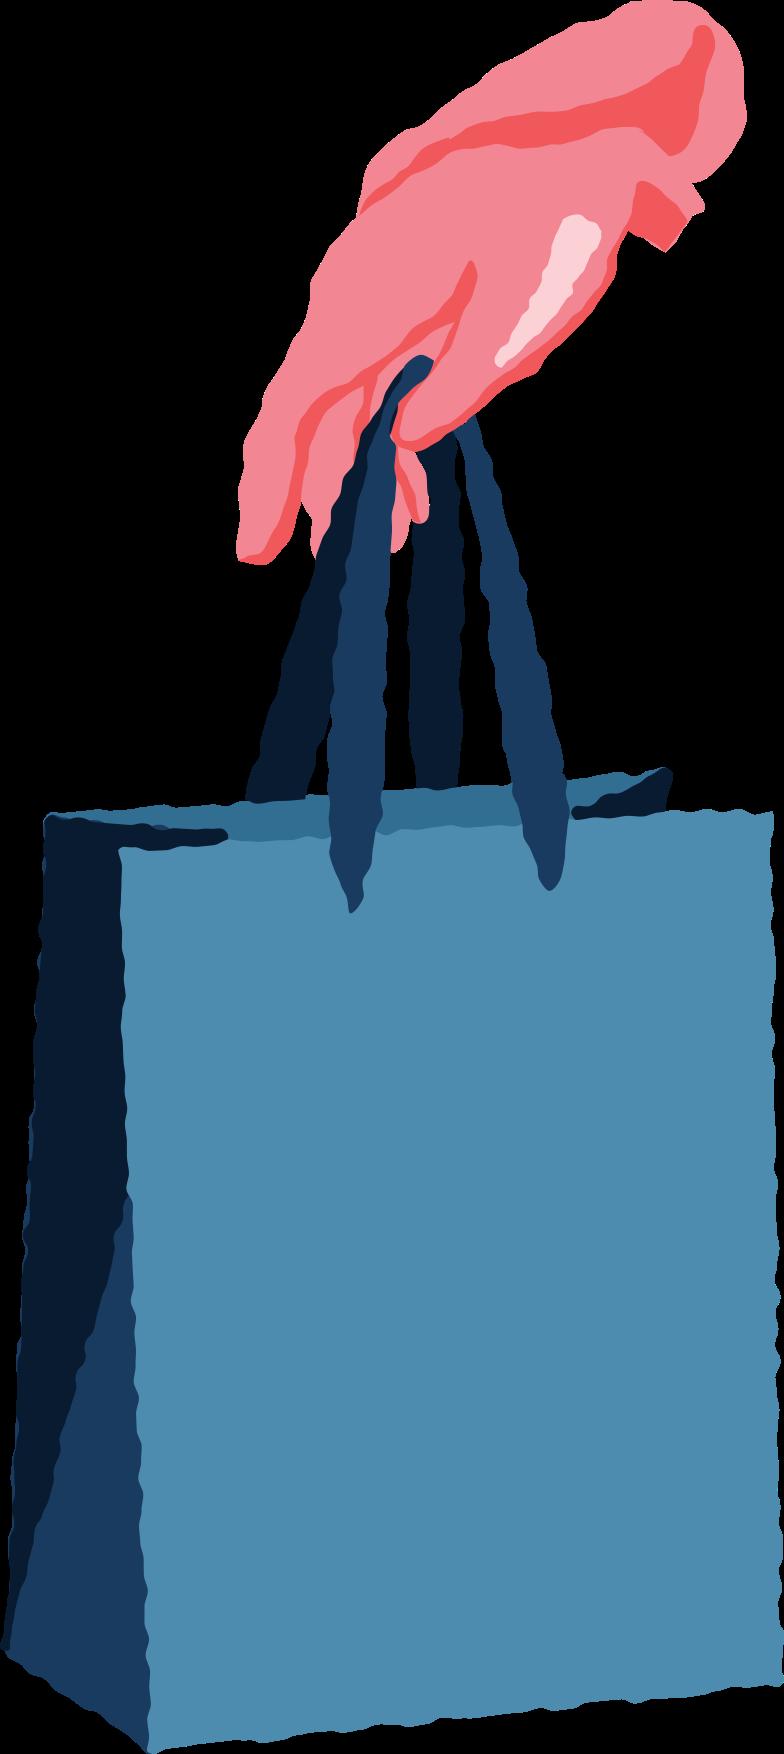 Immagine Vettoriale braccia rosse con pacchetto in PNG e SVG in stile  | Illustrazioni Icons8